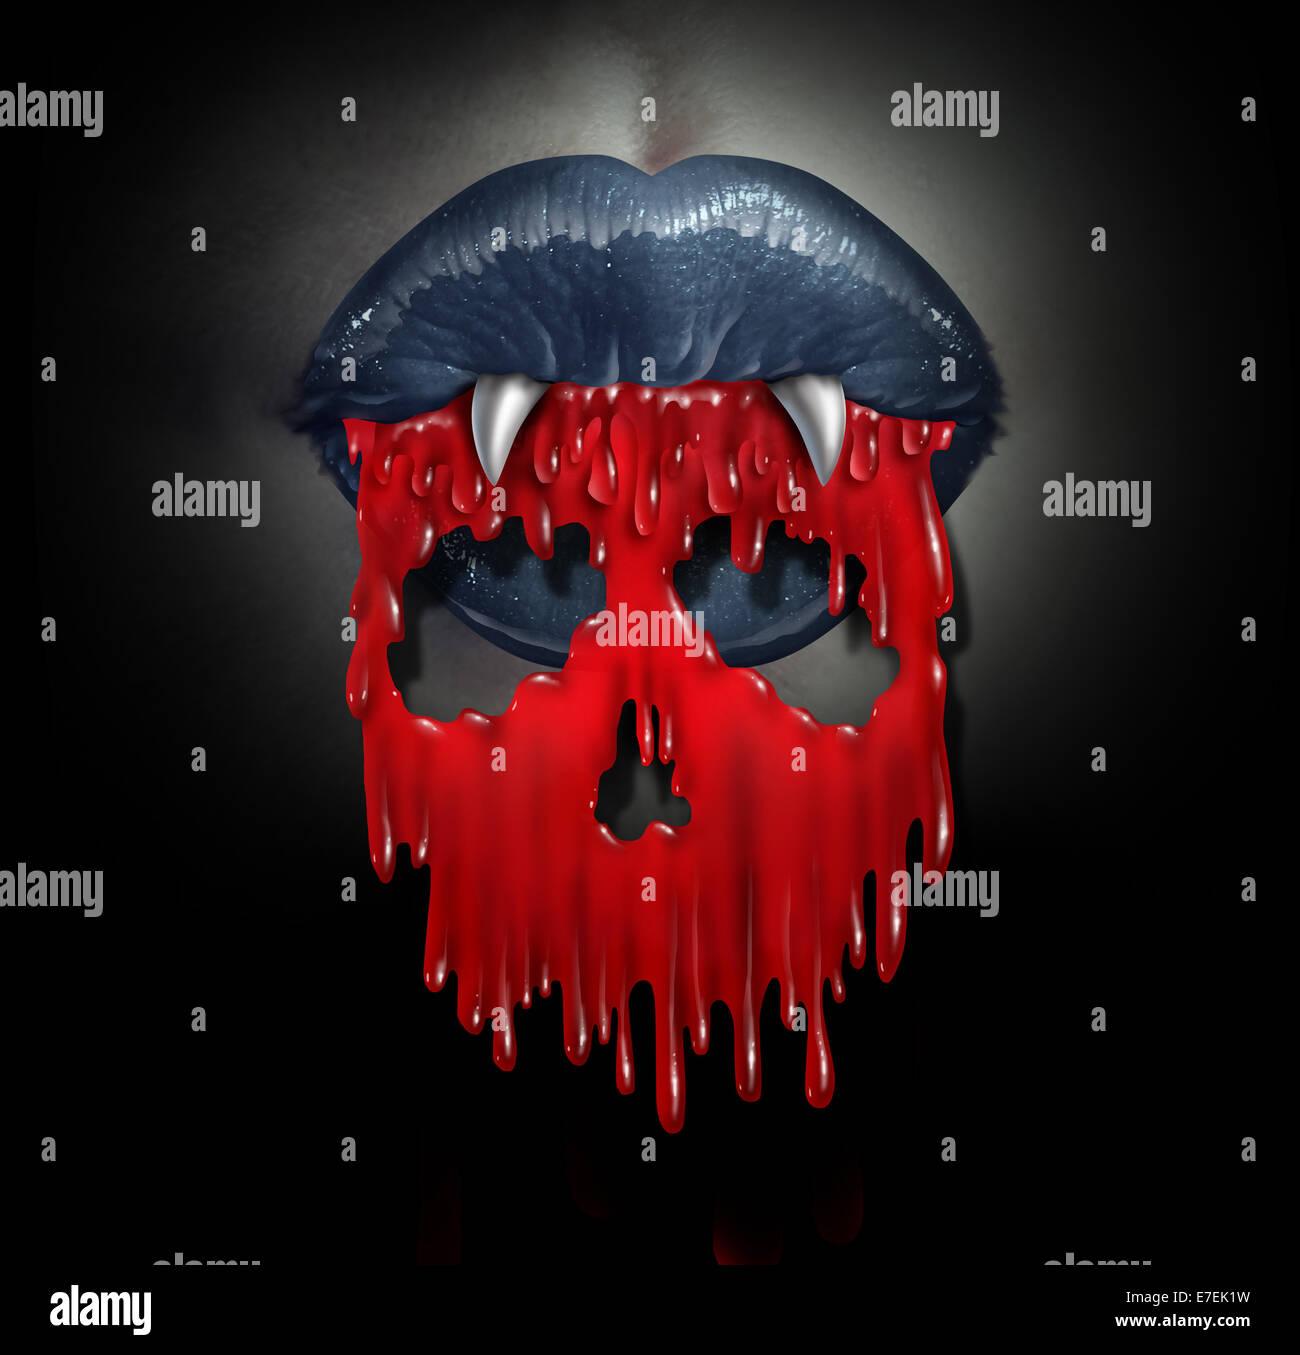 Vampiro concetto di sangue come un simbolo di orrore del demone sanguinario labbra sversamento di liquido rosso Immagini Stock